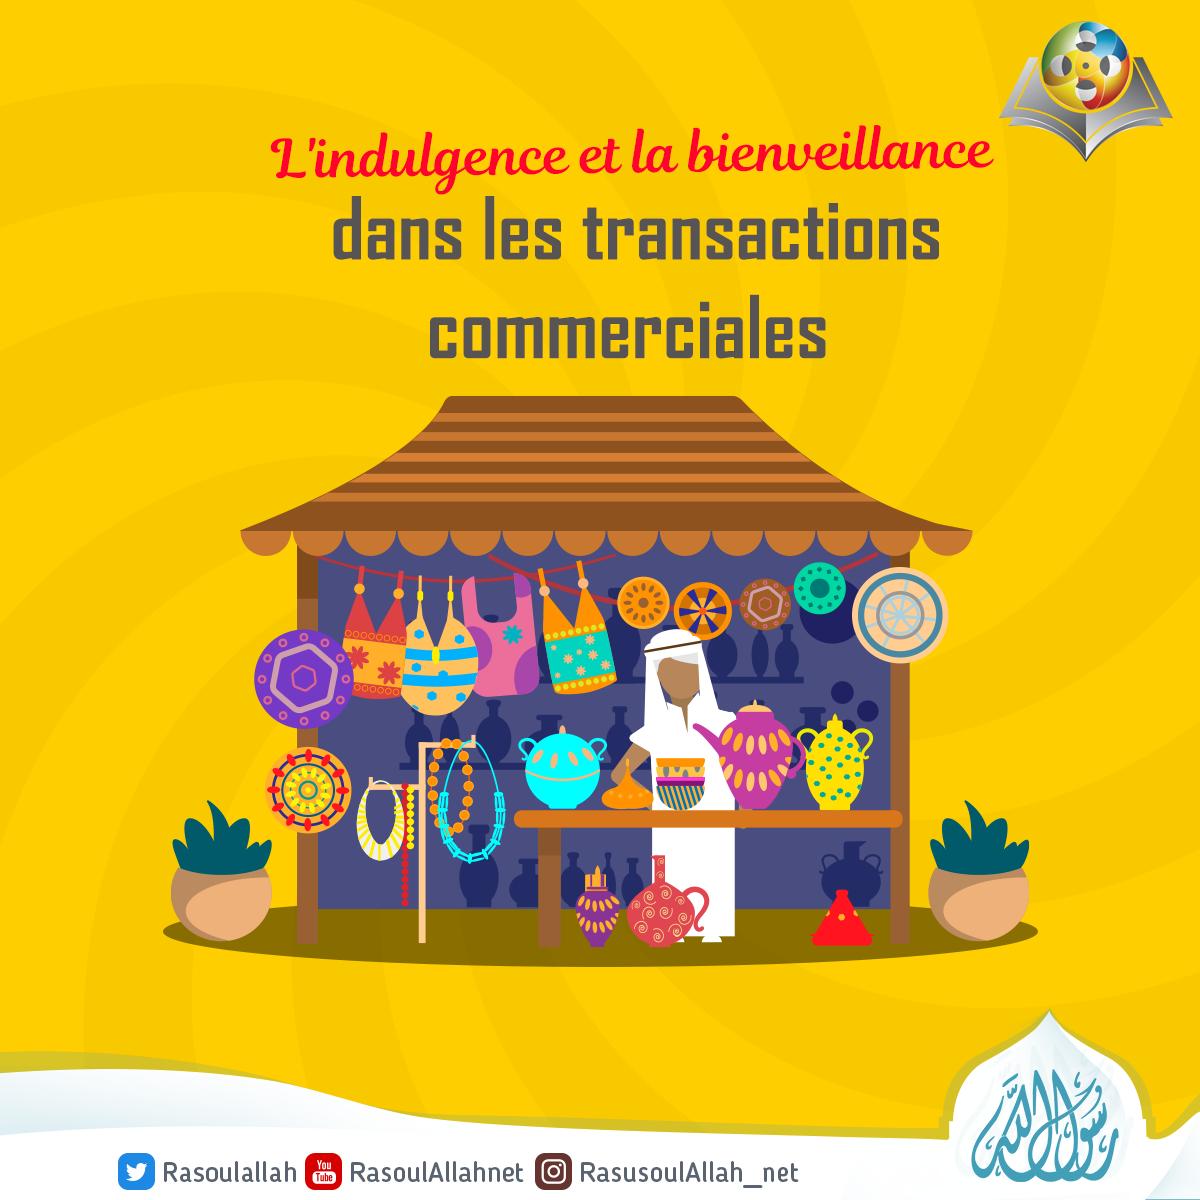 L'indulgence et la bienveillance dans les transactions commerciales.